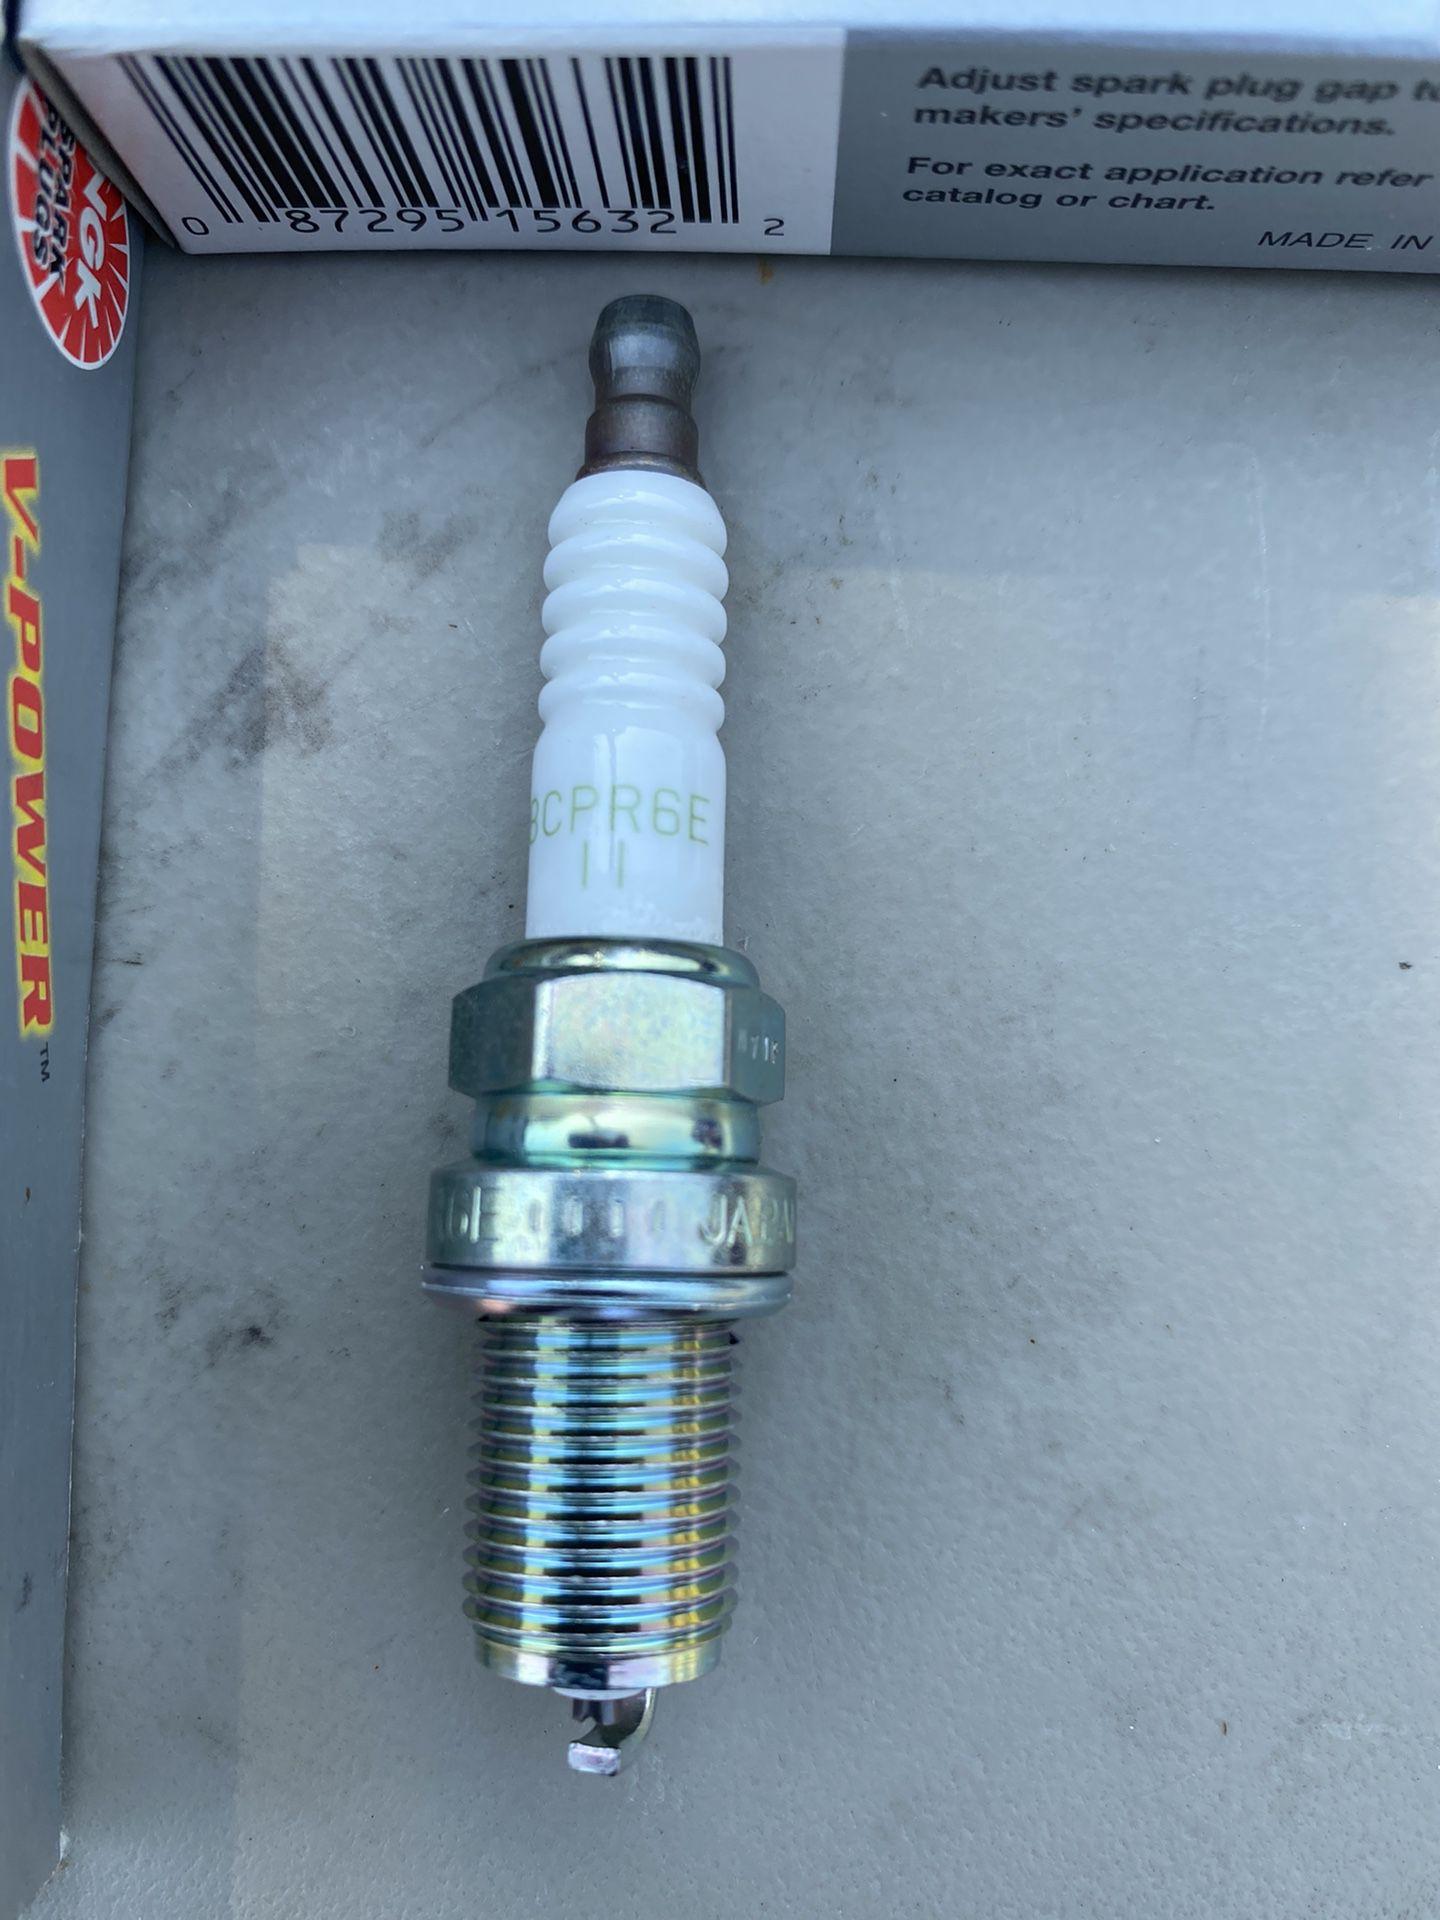 86-91 Civic Spark plugs